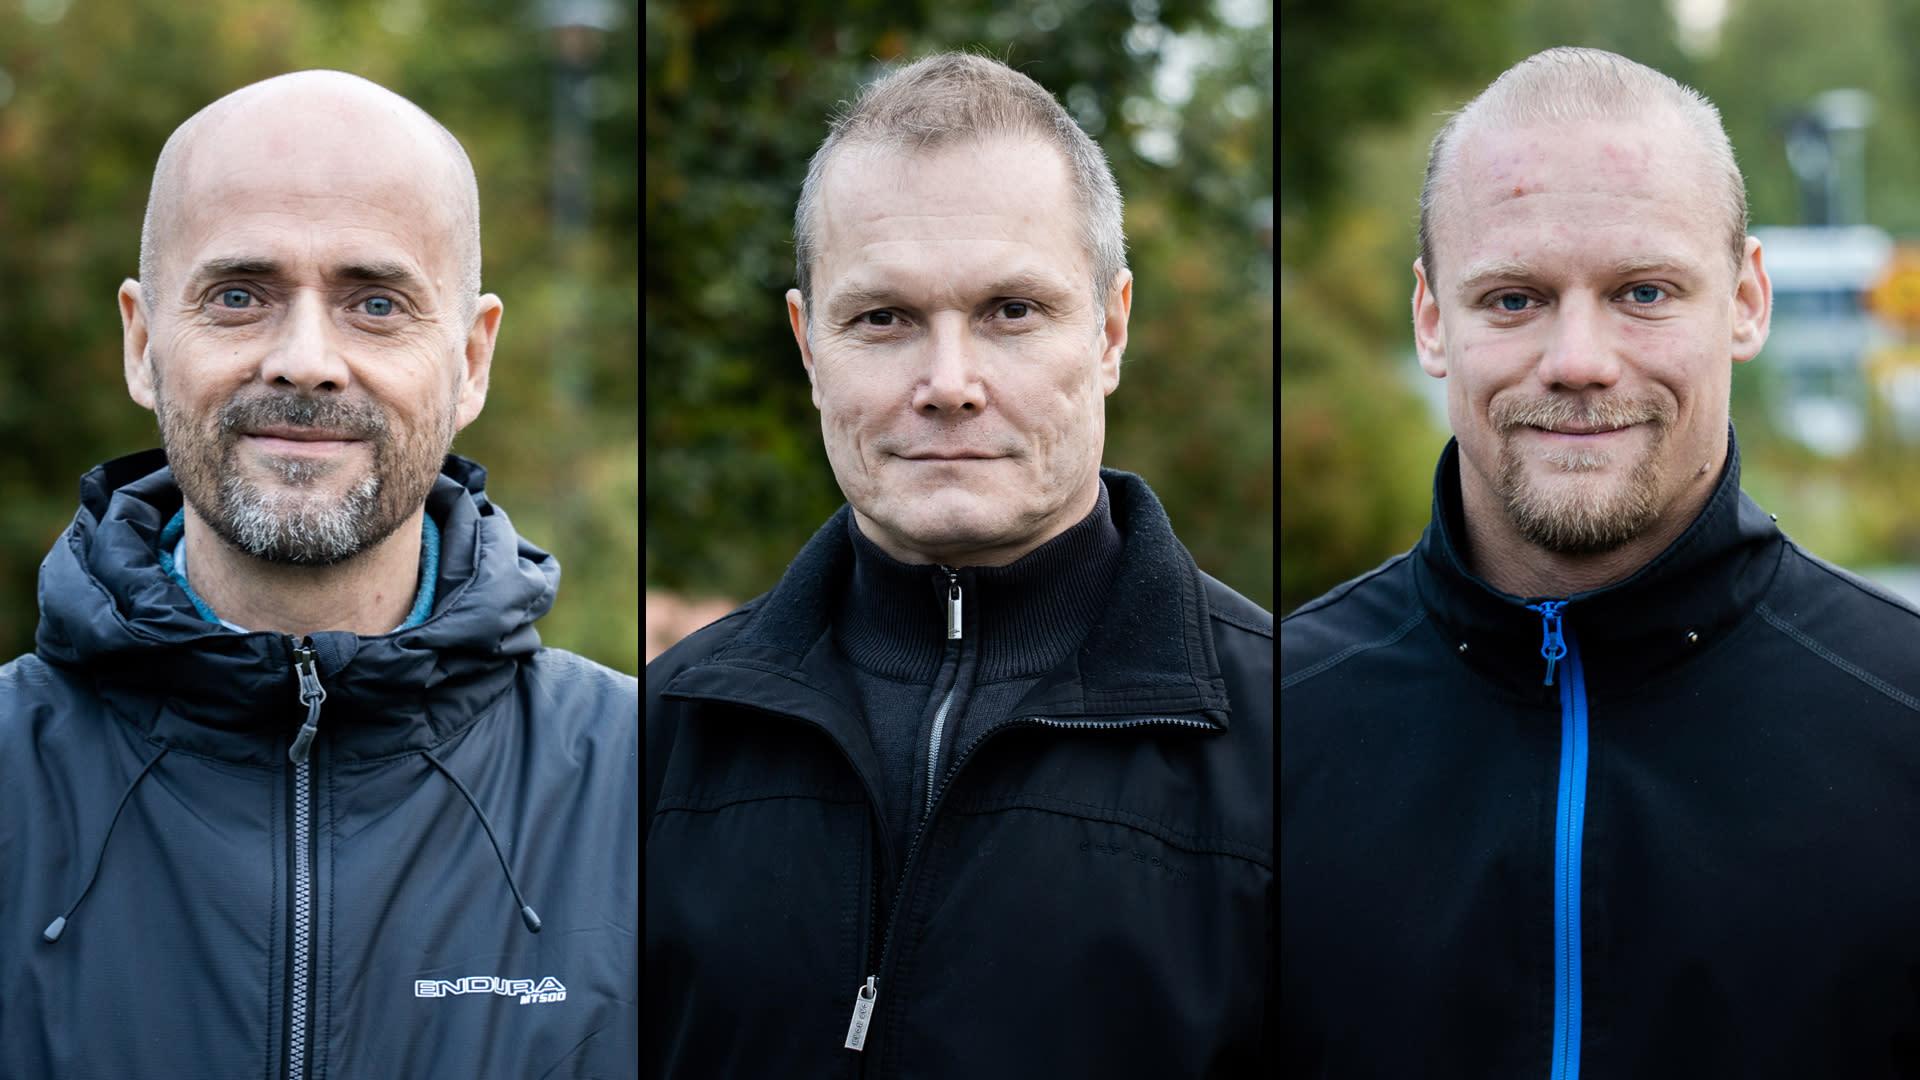 Ylöjärven vihreiden valtuustoryhmän varapuheenjohtajaTimo Halttula (vasemmalla), perussuomalaisten valtuutettuHannu Ruuskaja kaupunginvaltuuston puheenjohtaja, kokoomuksenJuho Ojares.